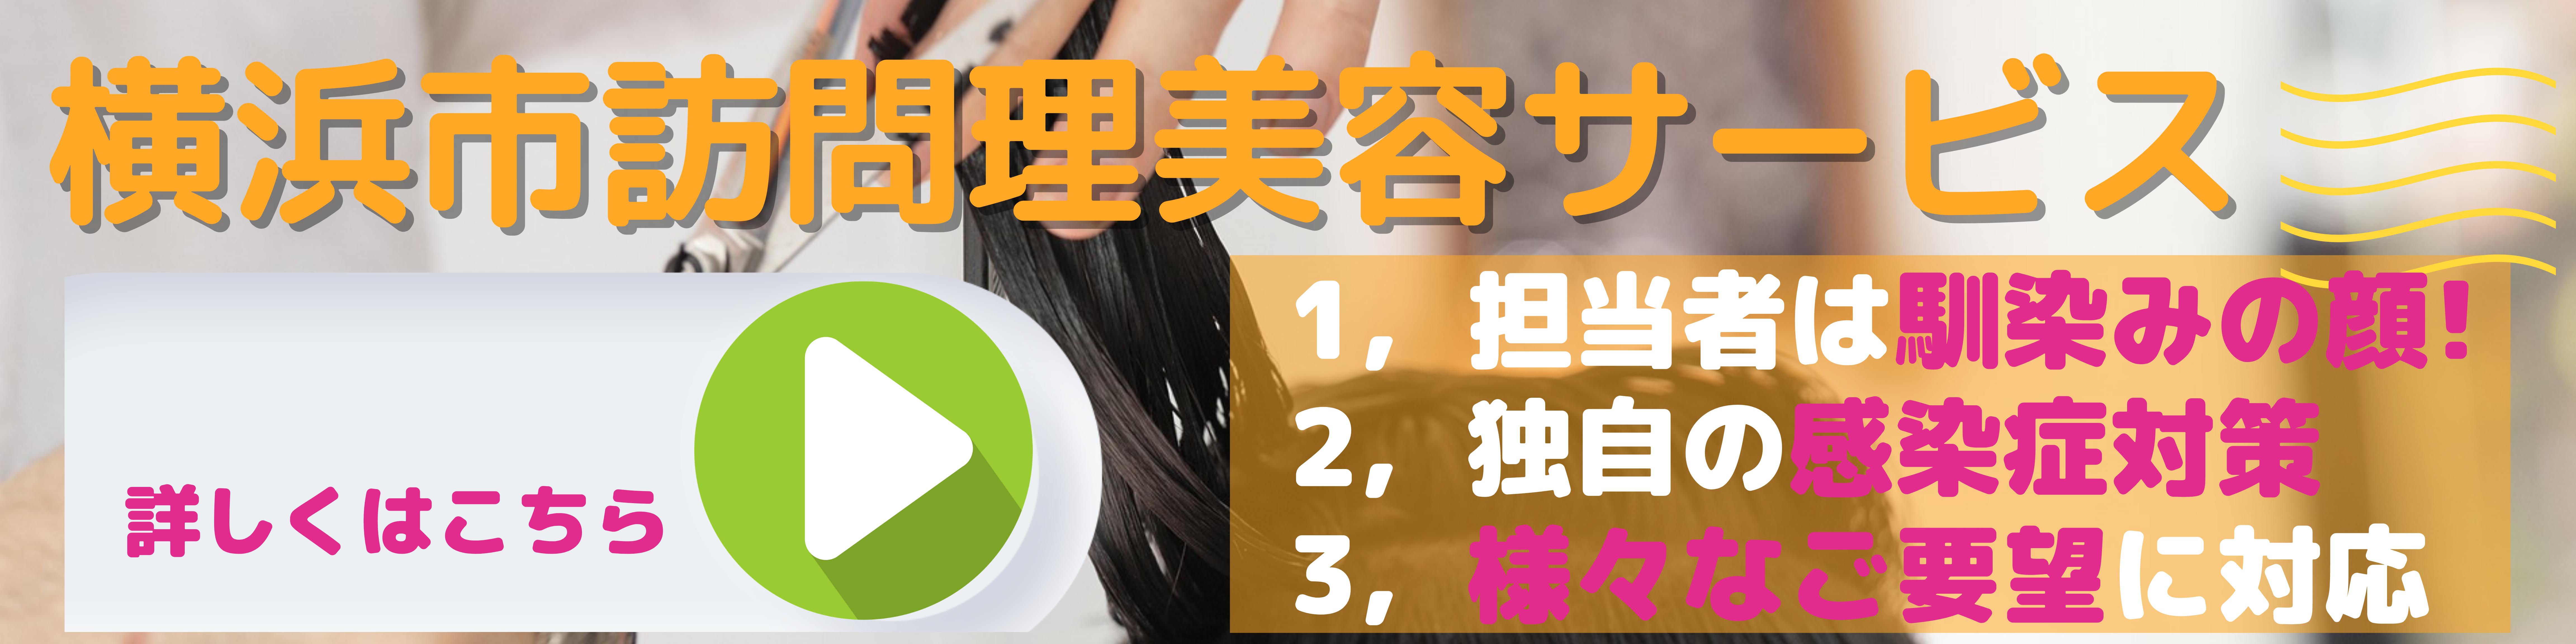 横浜市訪問理美容サービス | 訪問理美容 | 美慈-貴方らしく輝く!わたしだけの美容室|横浜